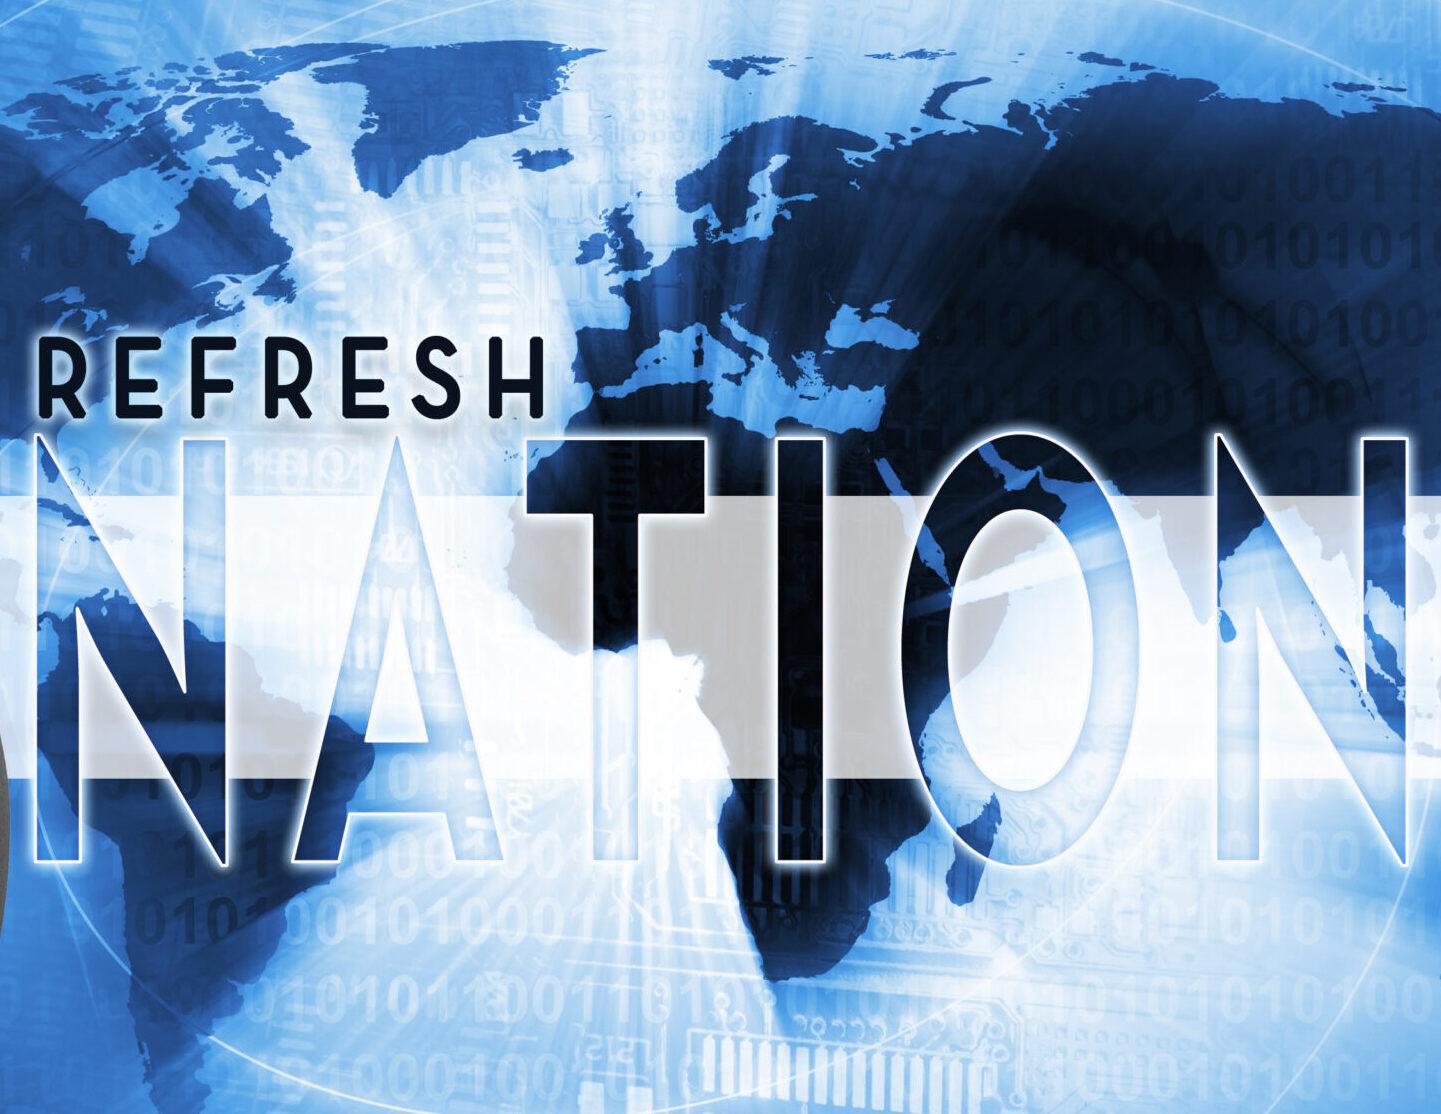 Refresh Nation